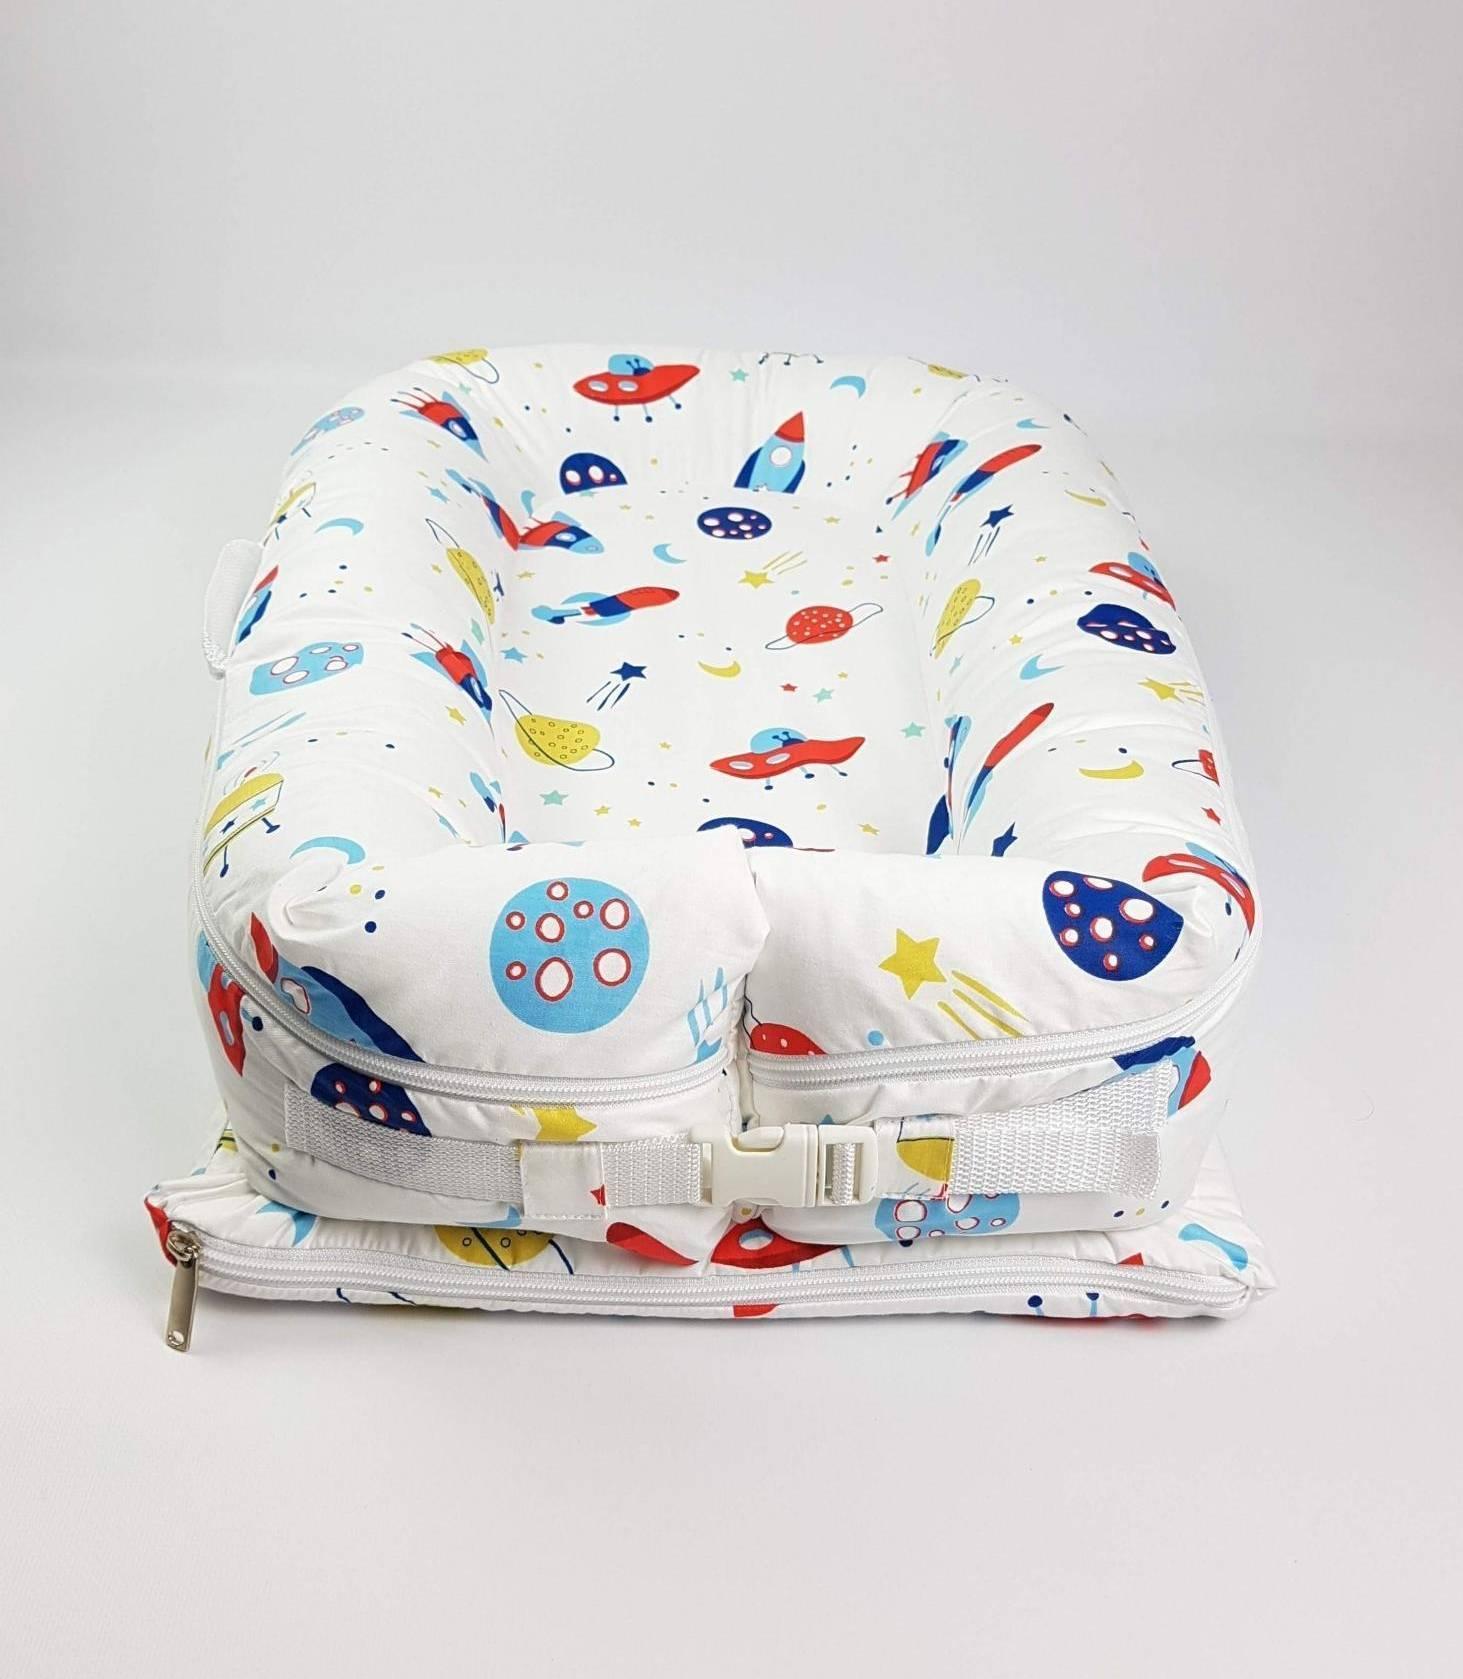 Кокон для новорожденного, нужен ли? - запись пользователя елена (id1995101) в сообществе выбор товаров в категории детская комната : мебель, предметы интерьера и аксессуары - babyblog.ru